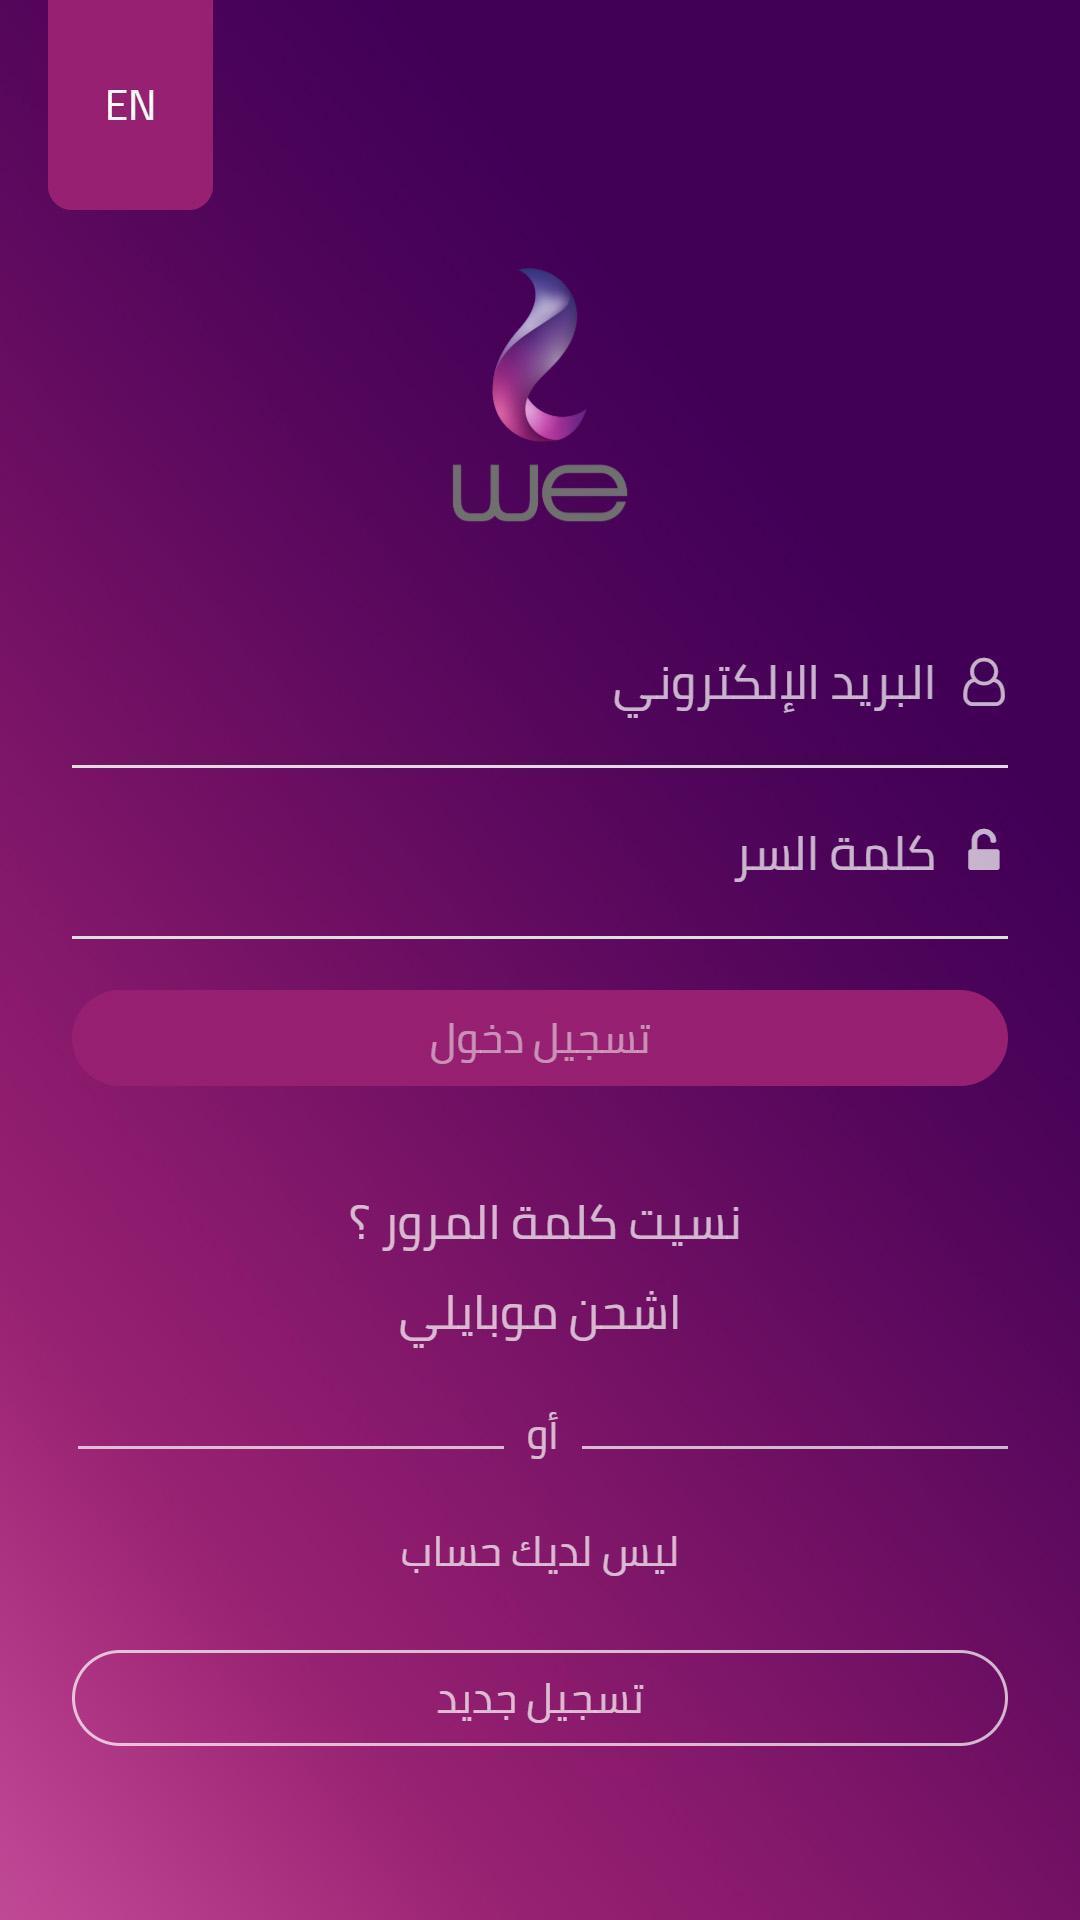 تطبيق WE Home Internet for Android - APK Download